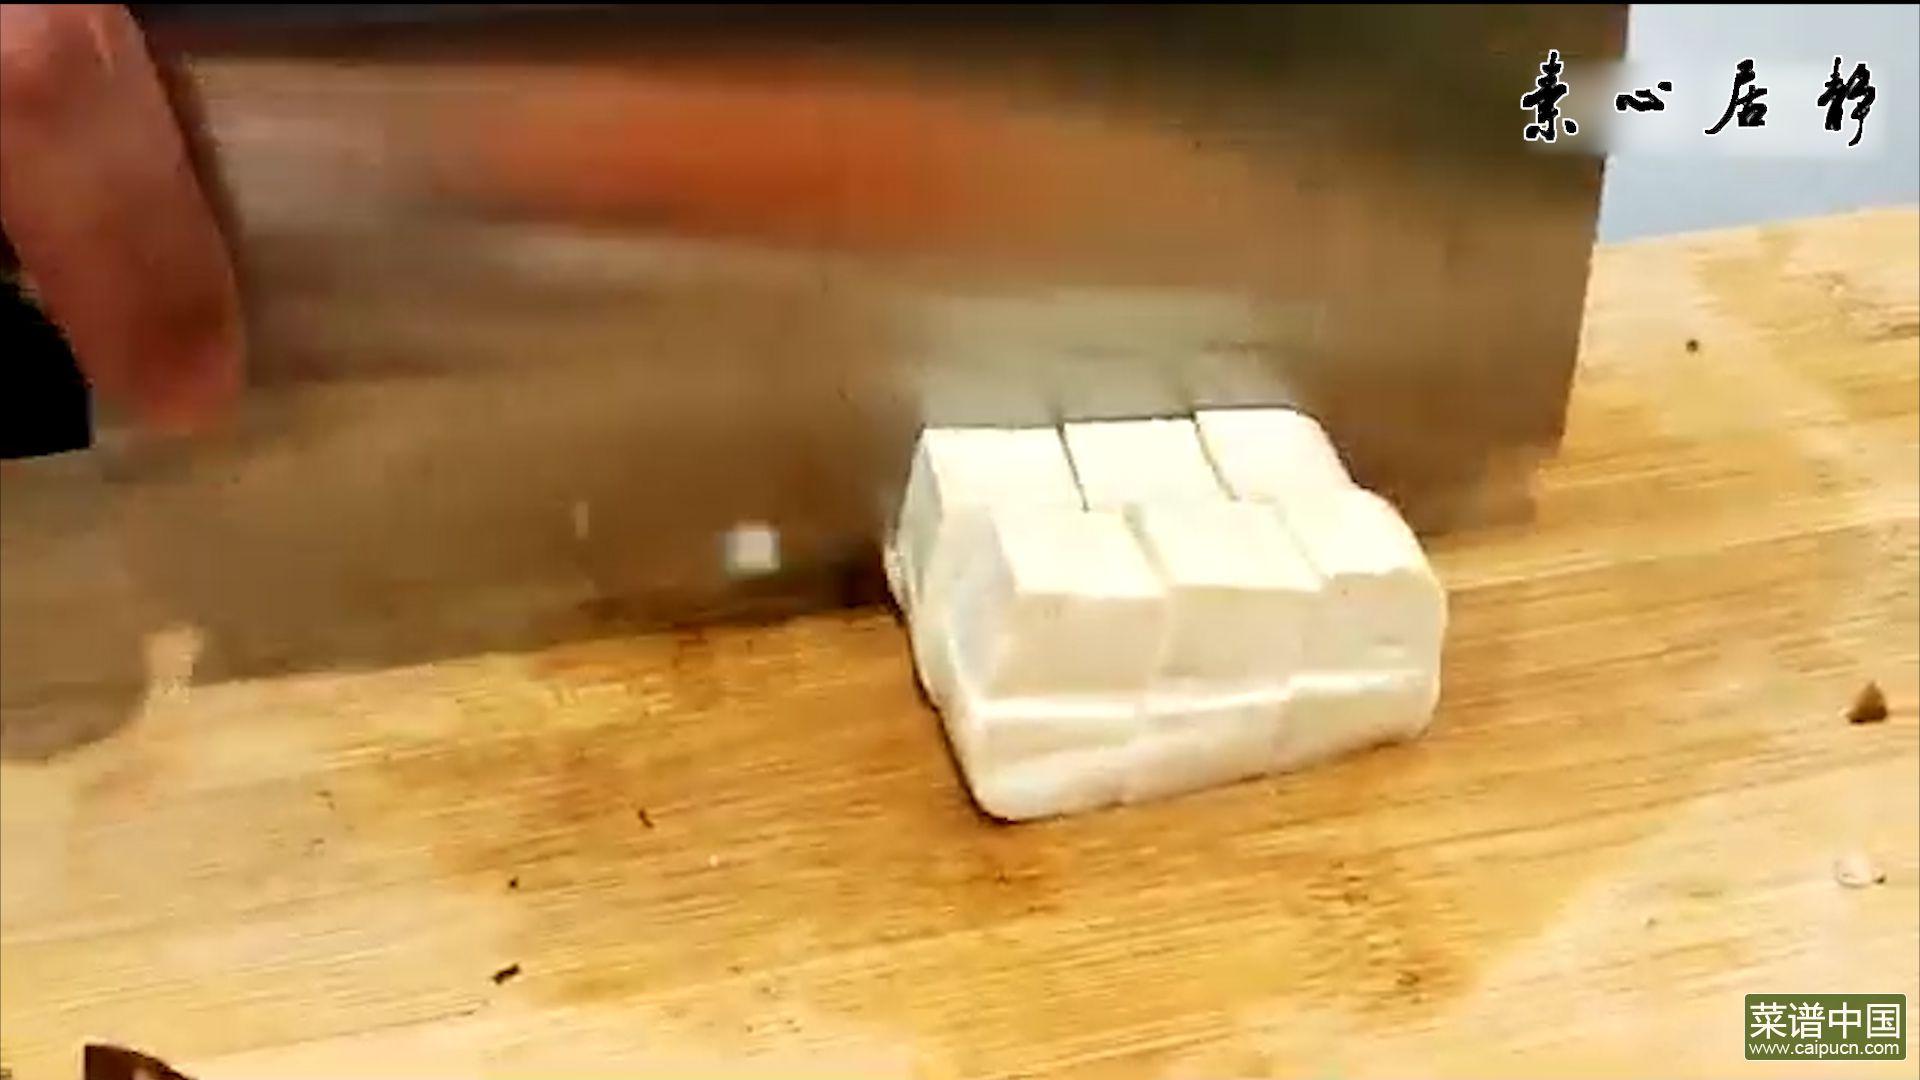 三鲜炖豆腐【素心居静庄青山】的做法步骤4